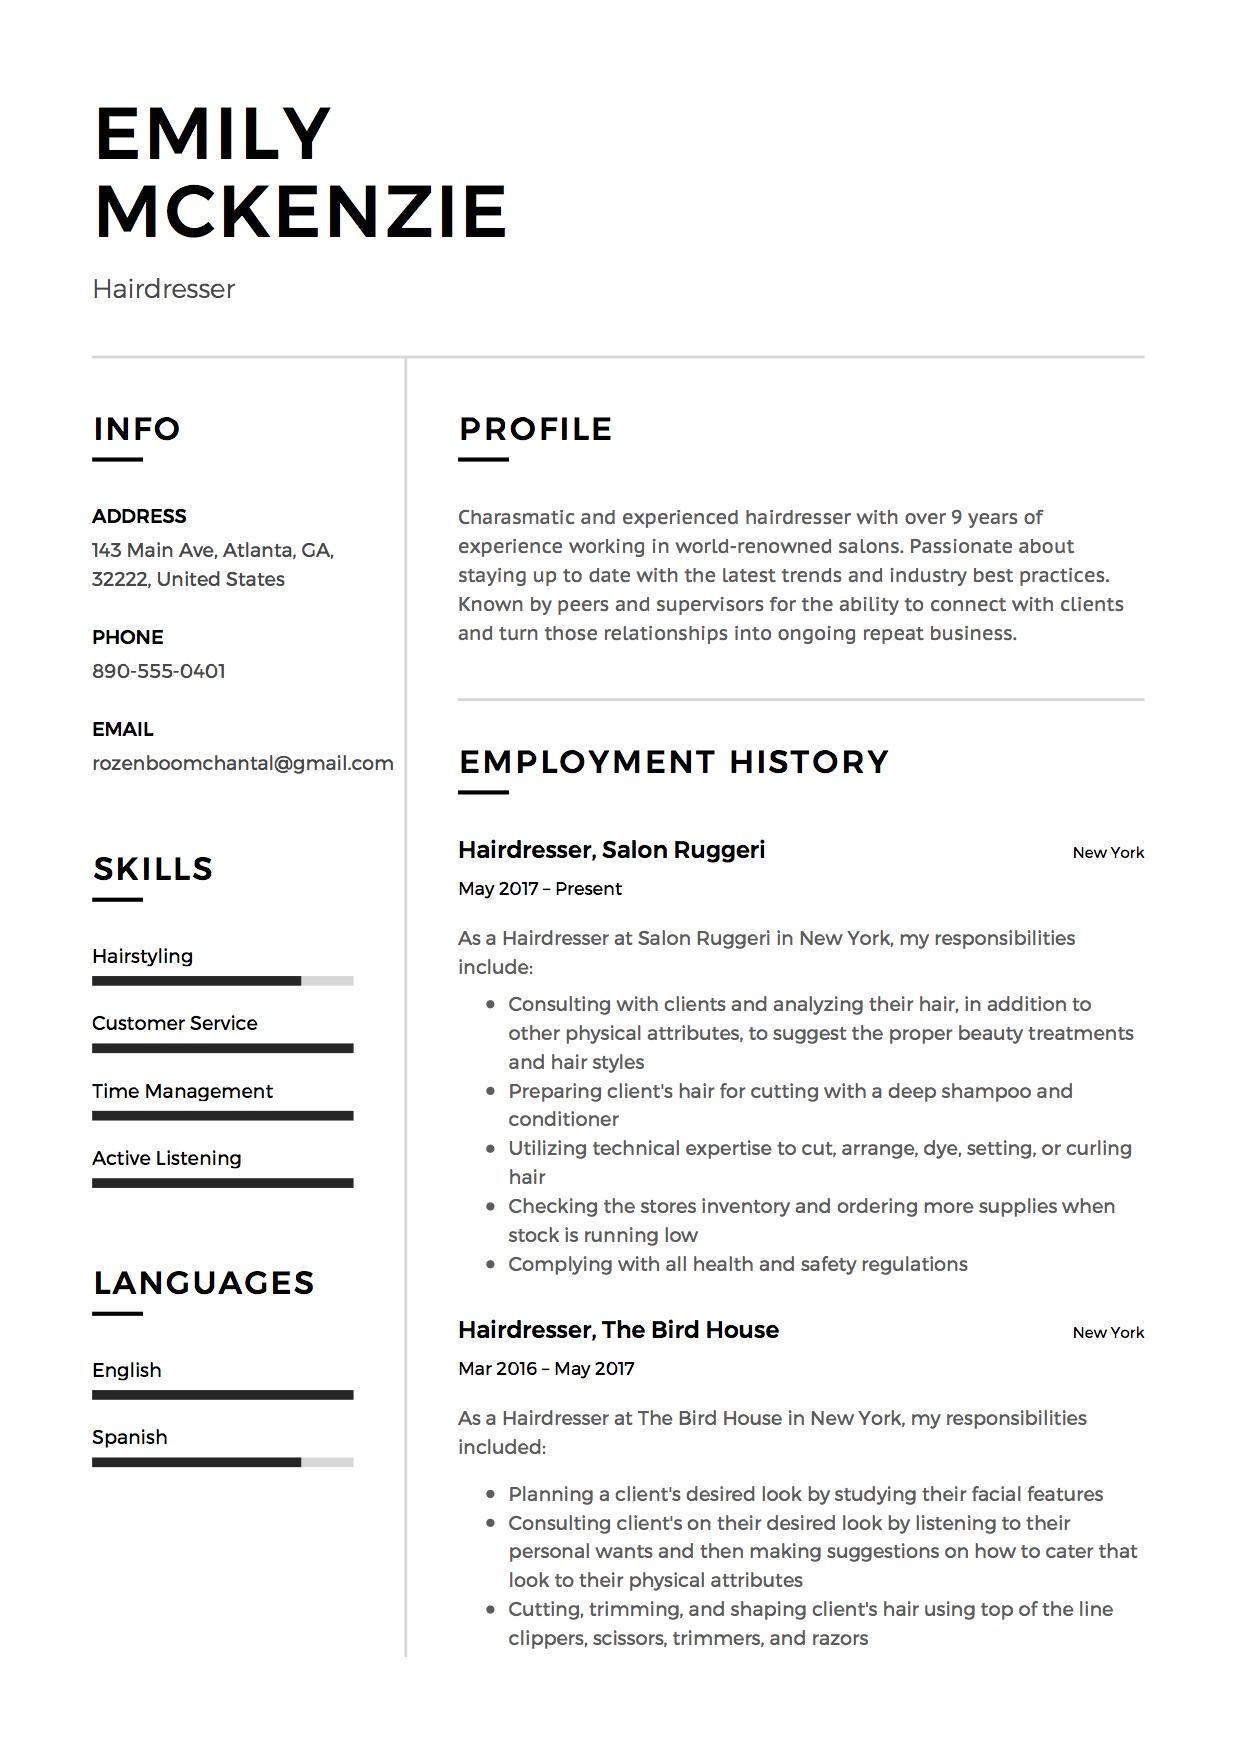 resume sample hairdresser